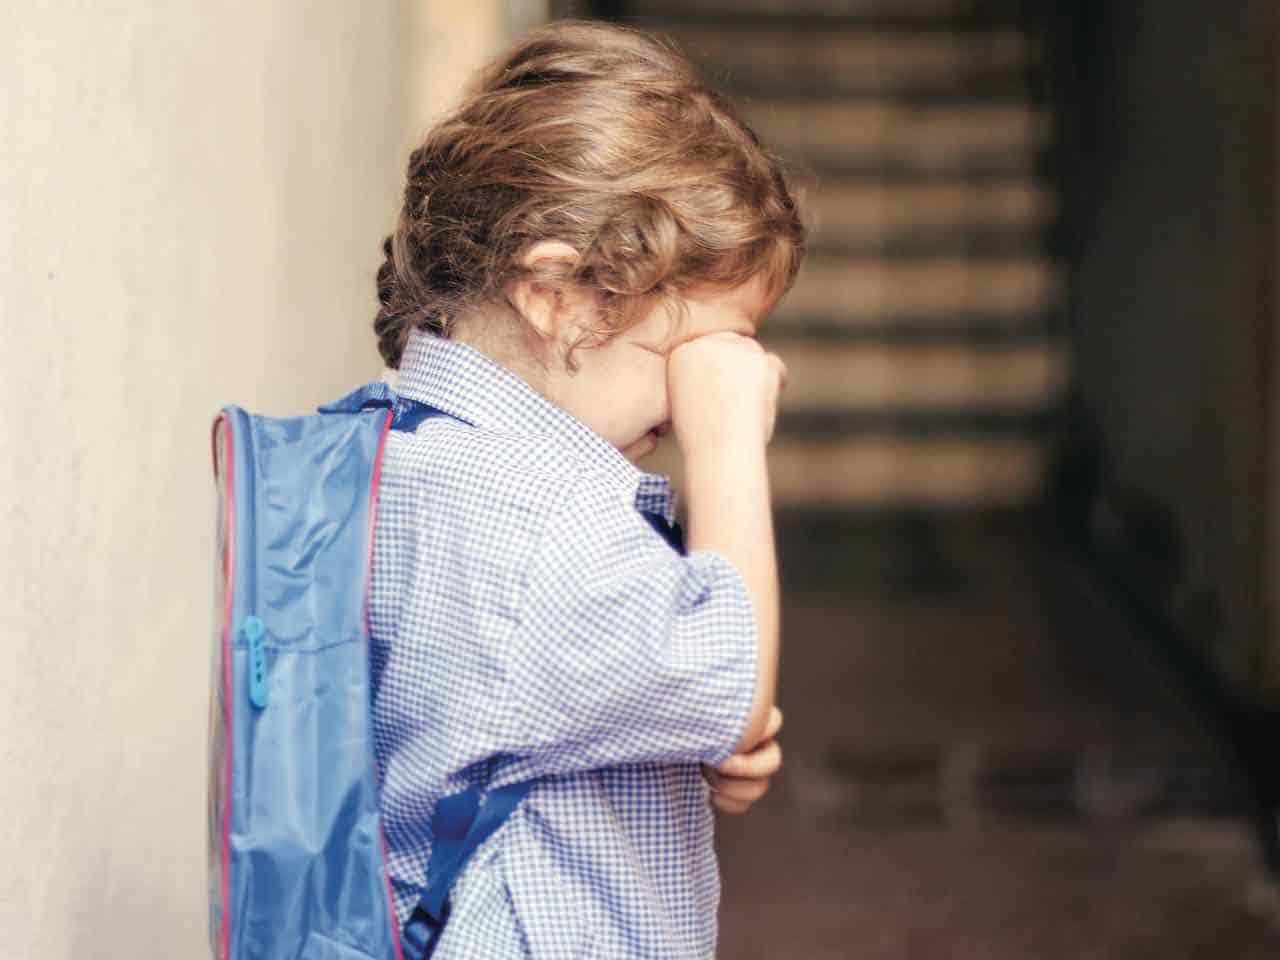 علل ترس دانش آموزان از مدرسه | مرکز خدمات پرستاری پارسیان مهرپرور